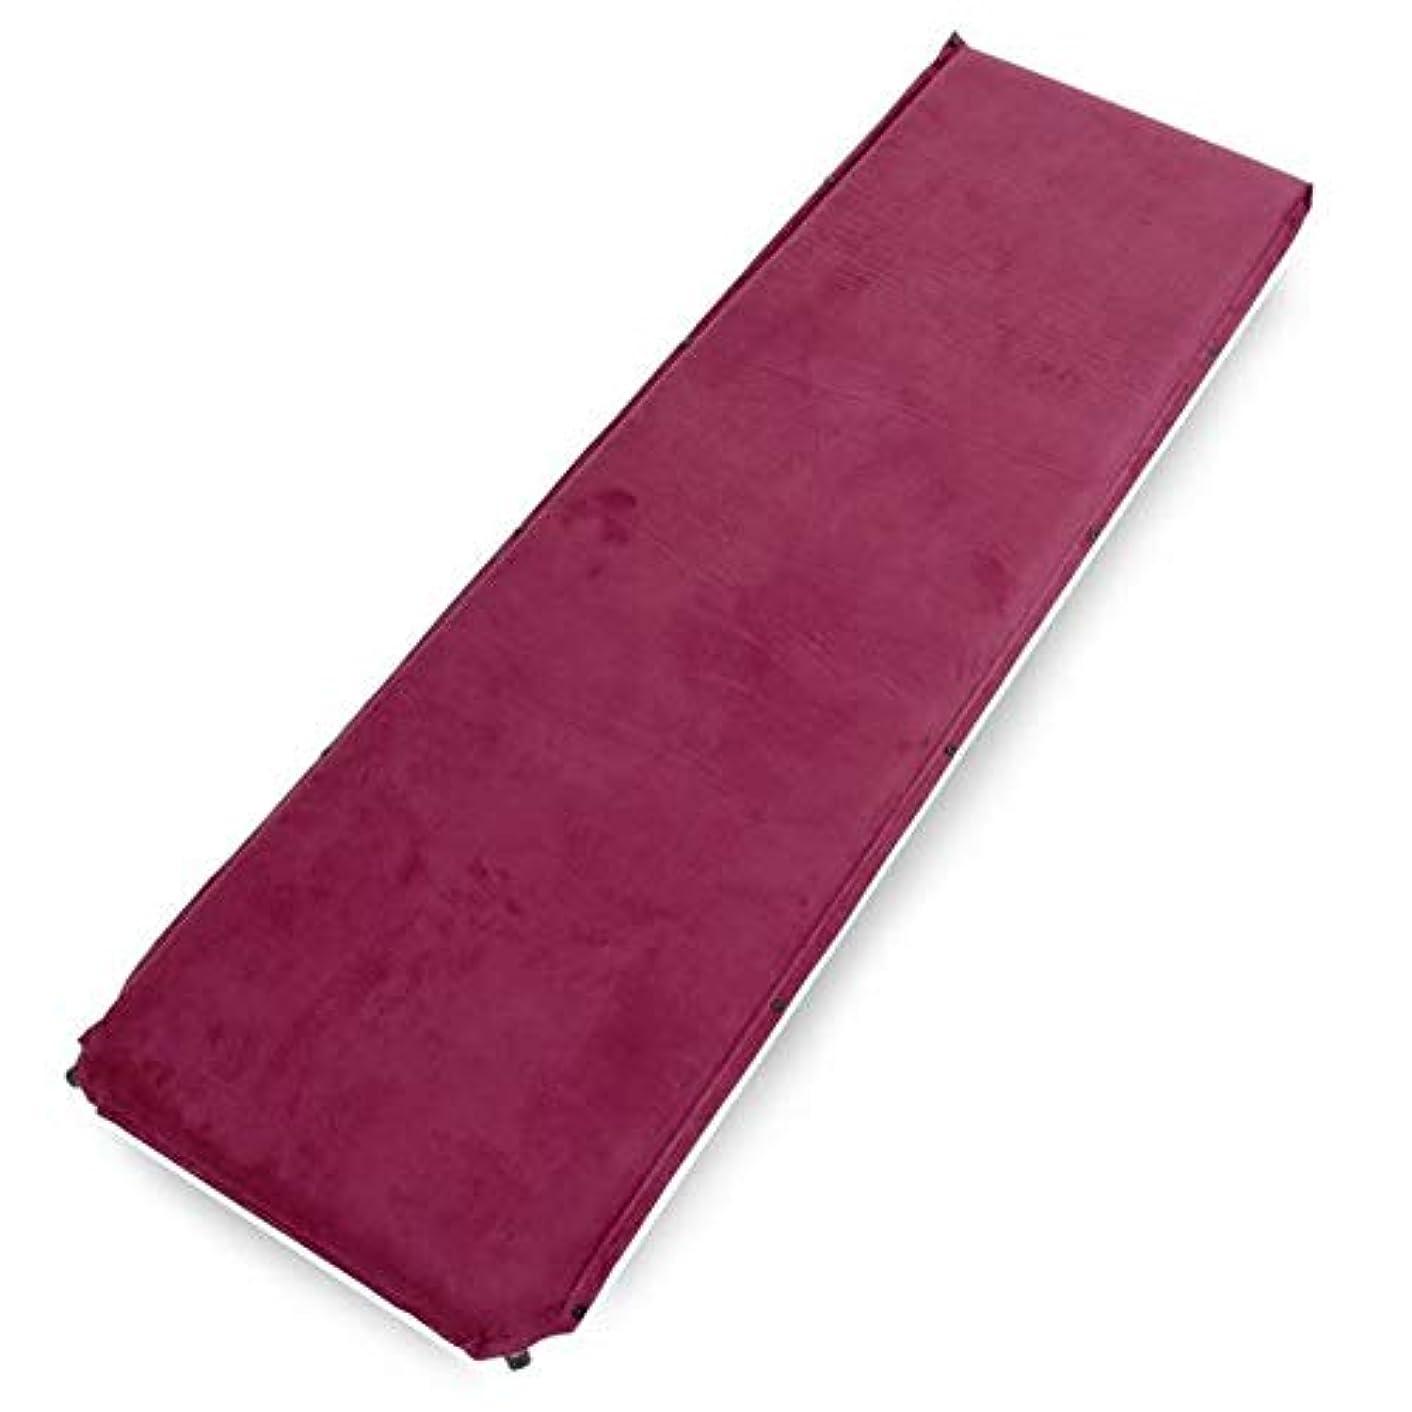 速度入射ポインタ独身者の屋外のバックパッキングのハイキングのコンパクトで膨脹可能なパッドの折り畳み式の厚いスエードの泡のパディングのキャンプの睡眠パッドのための自己膨脹式エアマットレス (色 : Maroon, サイズ : 78.7*24.8*2.56inches)